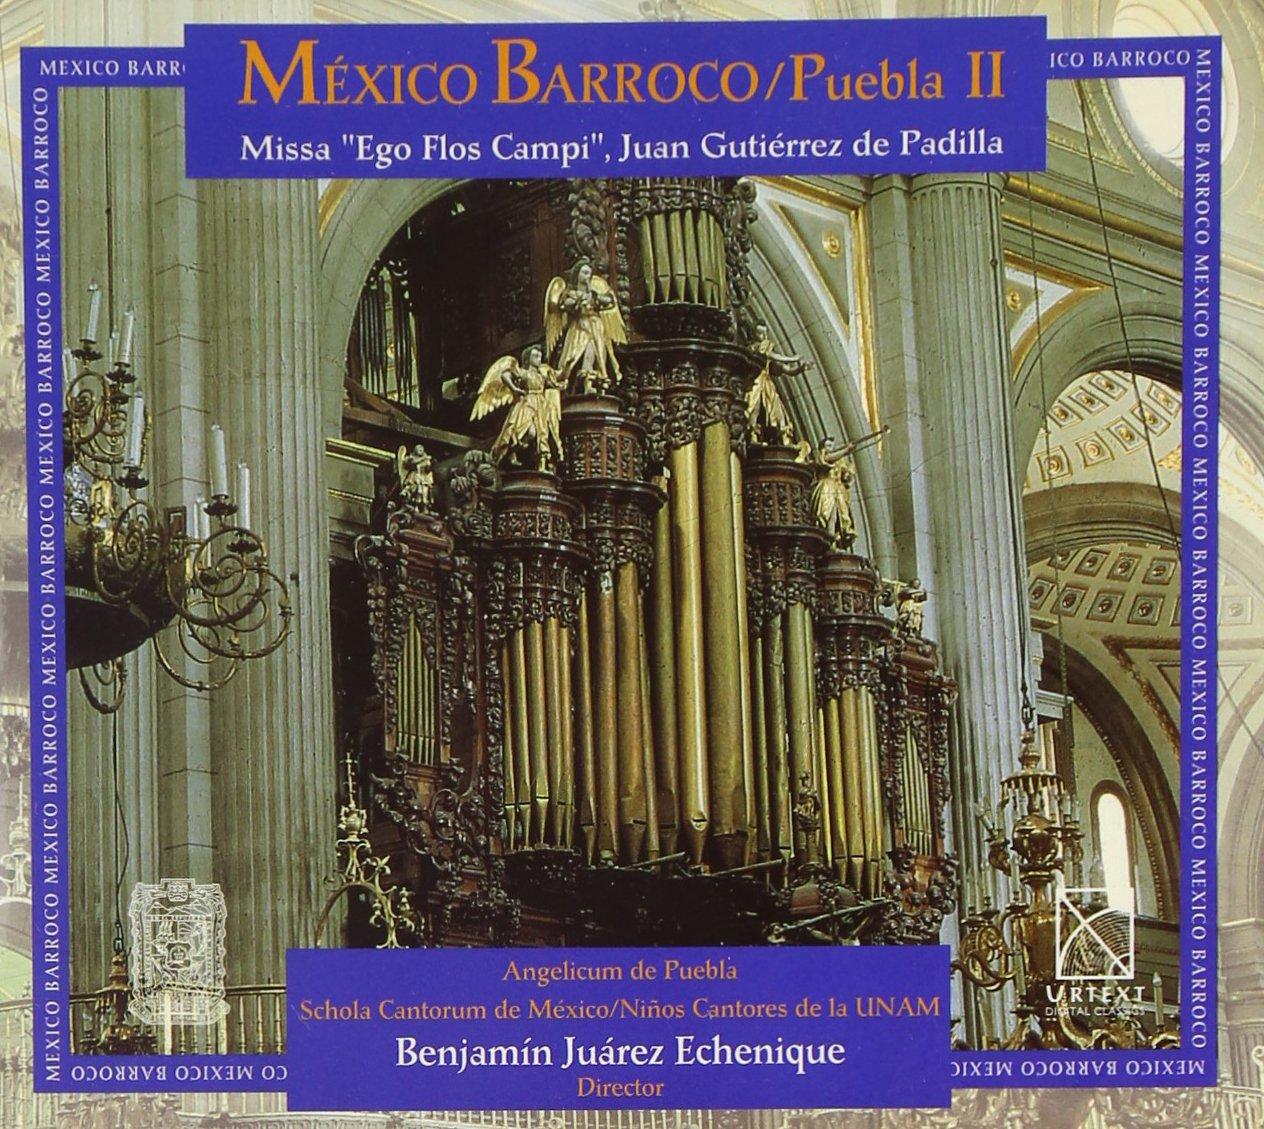 Baroque Mexico Puebla 2 by Urtext (Image #1)